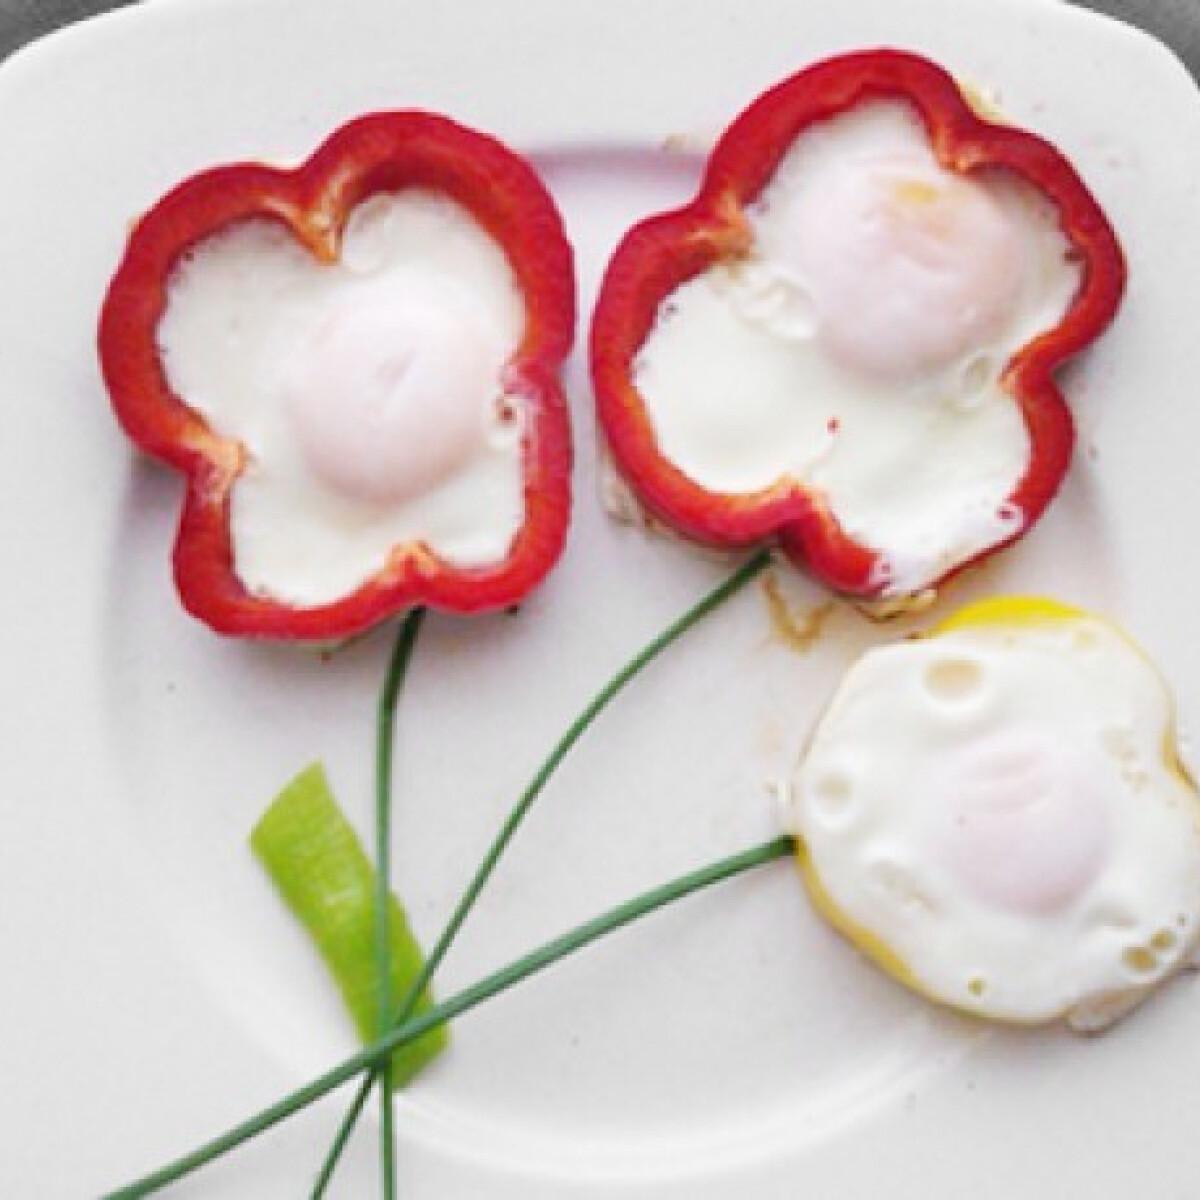 Ezen a képen: Tükörtojás virágok